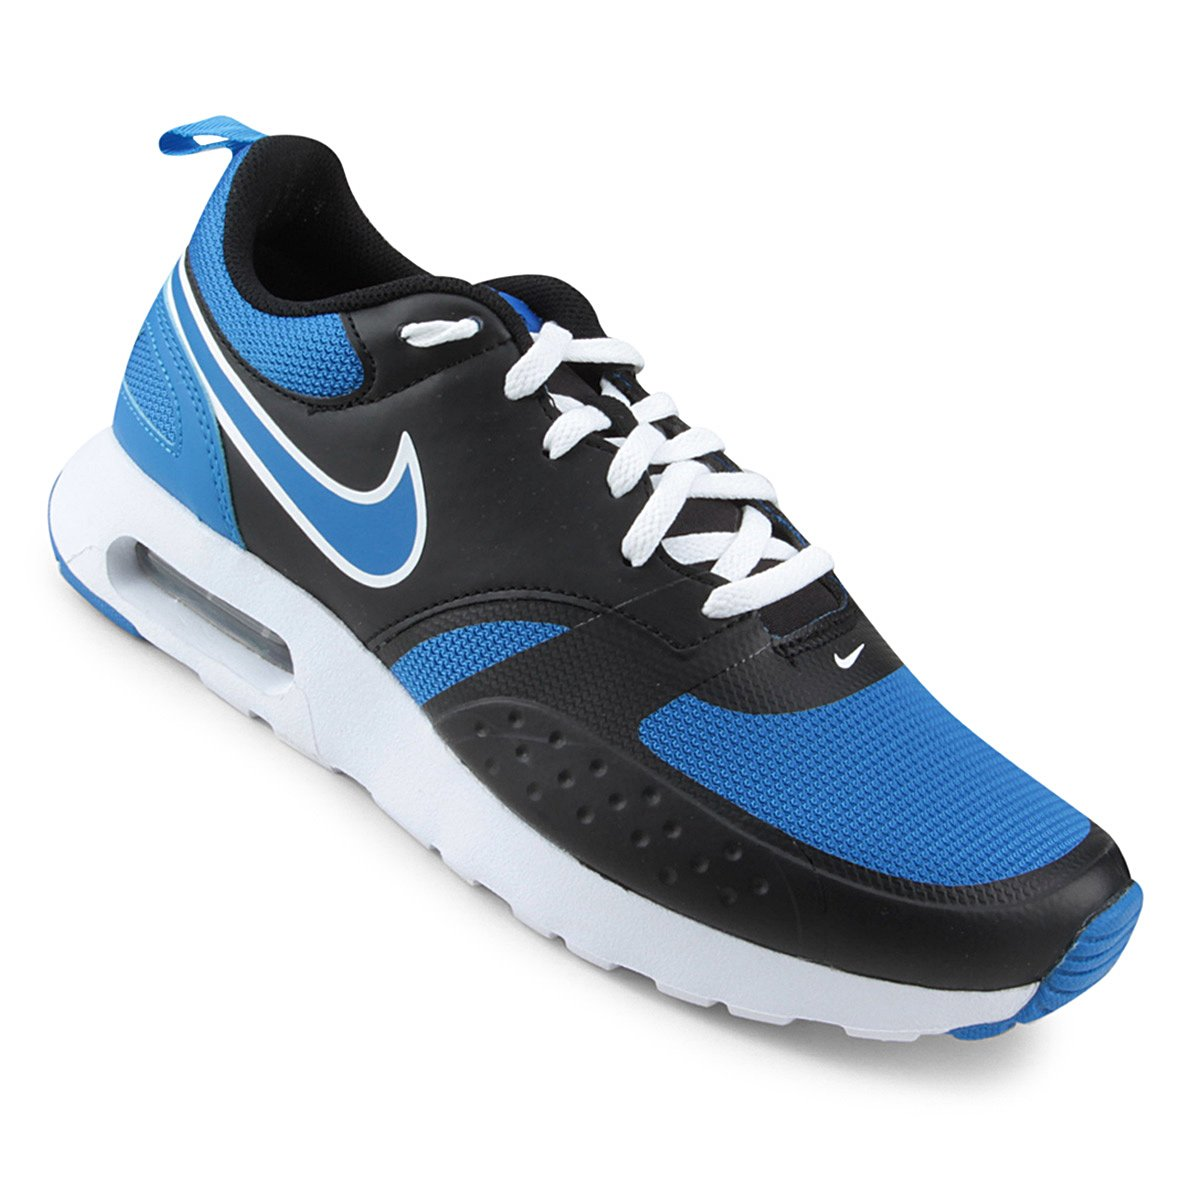 f8406c5601 Tênis Masculino Nike Air Max Vision 918230-012 - Azul Preto Branco ...